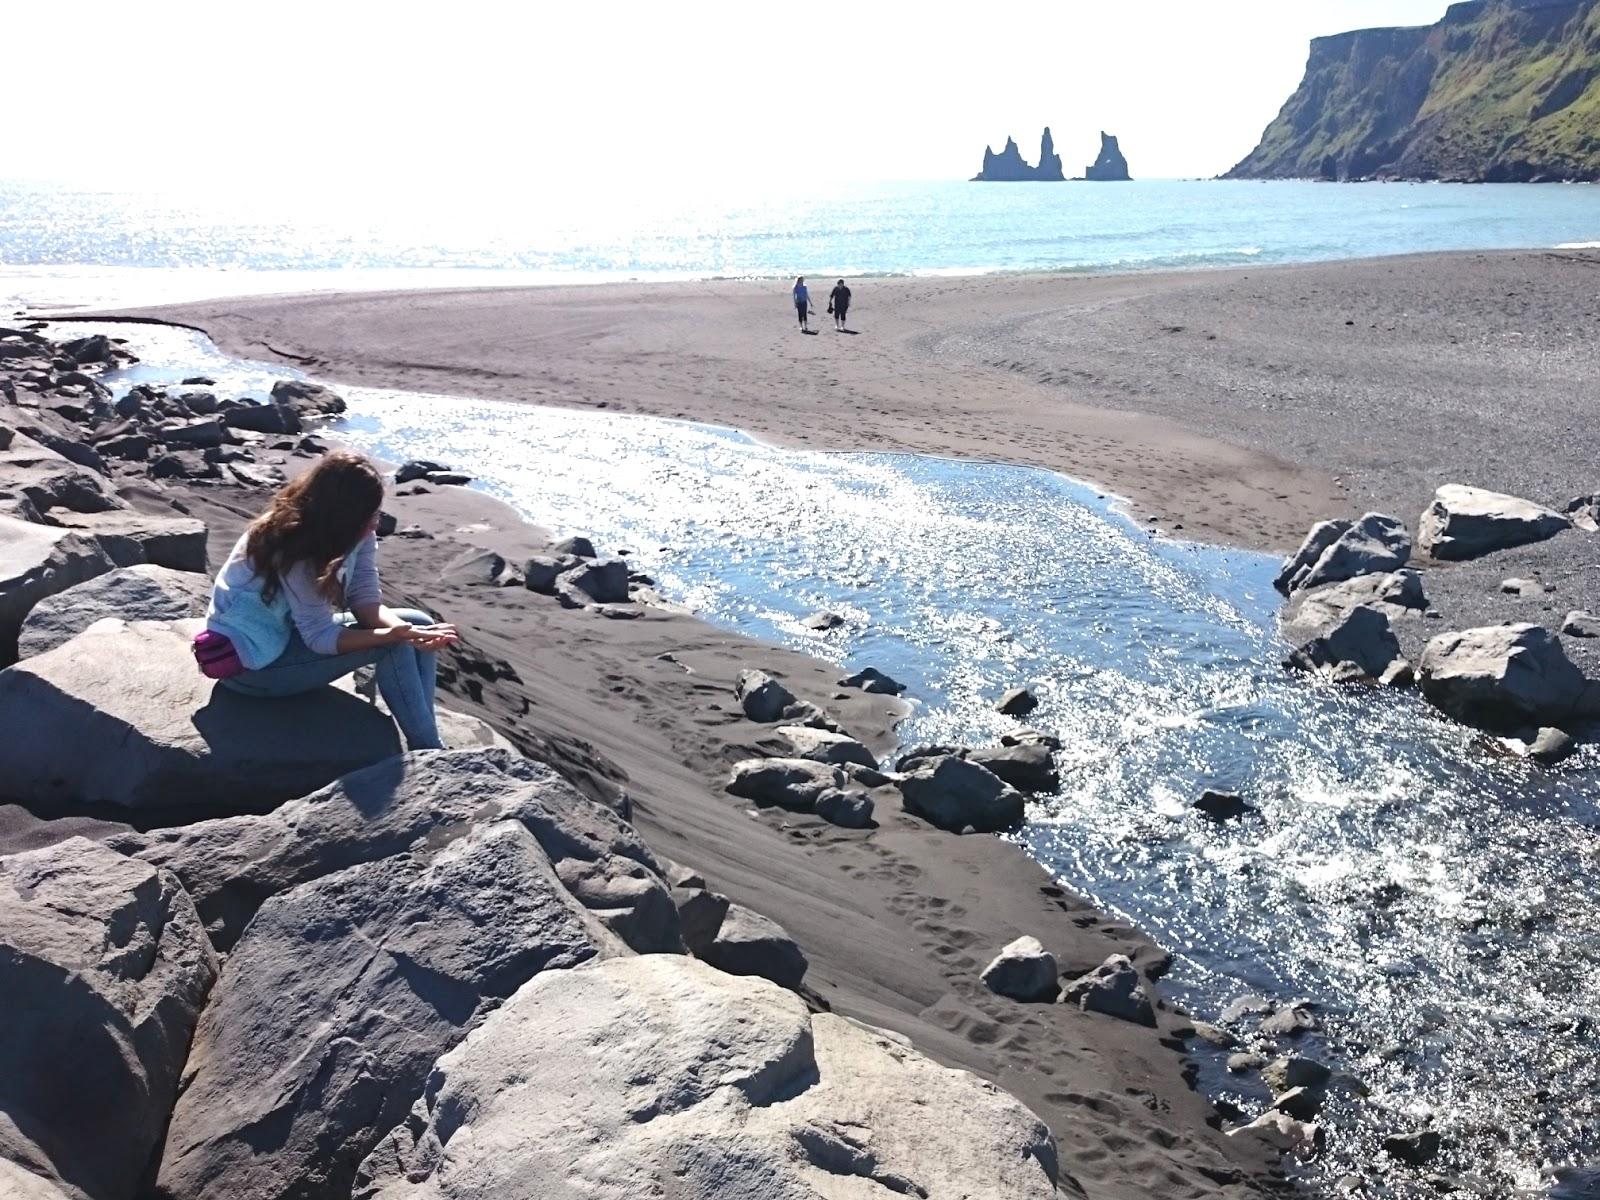 Vik, czarna plaża, Vik i Myrdal, Islandia, blog o Islandii, praca w Islandii, pani dorcia, blog podróżniczy, blog fotograficzny